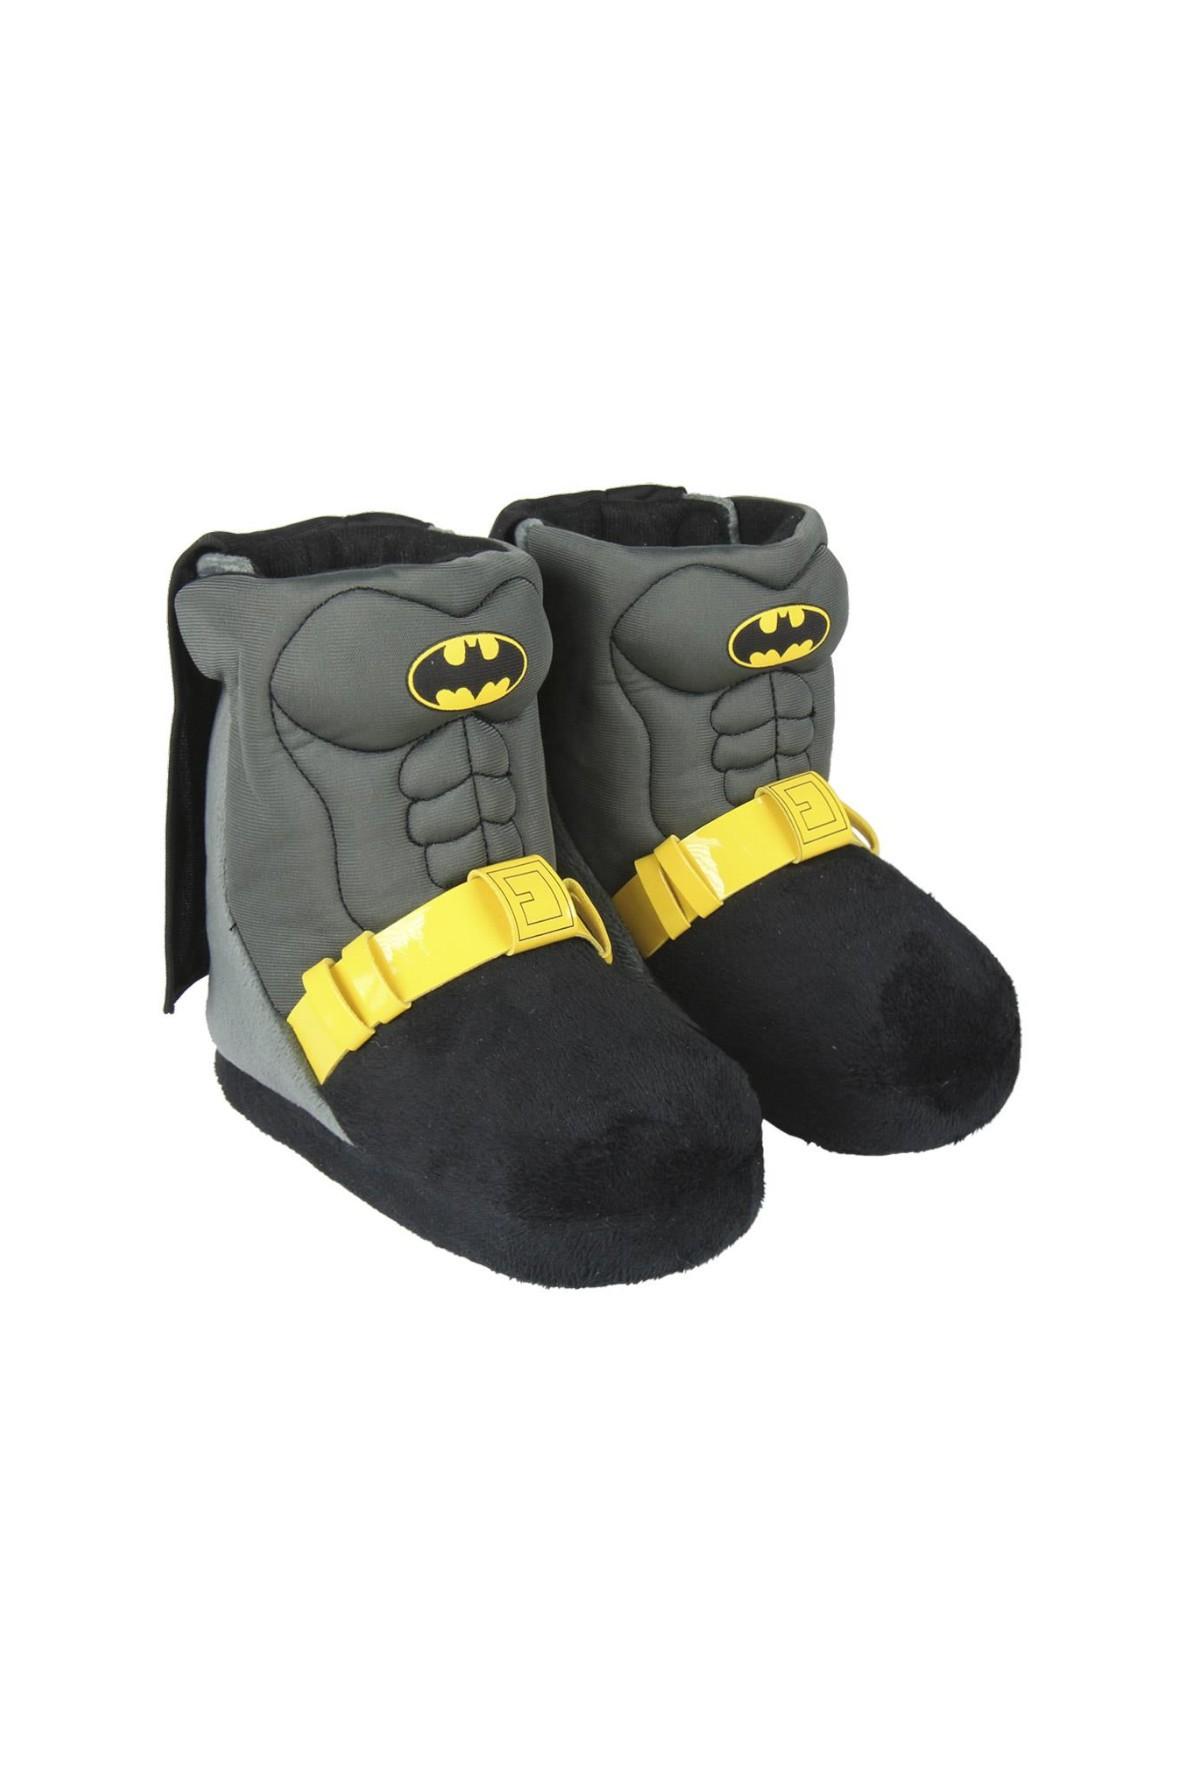 Obuwie chłopięce Batman - szare